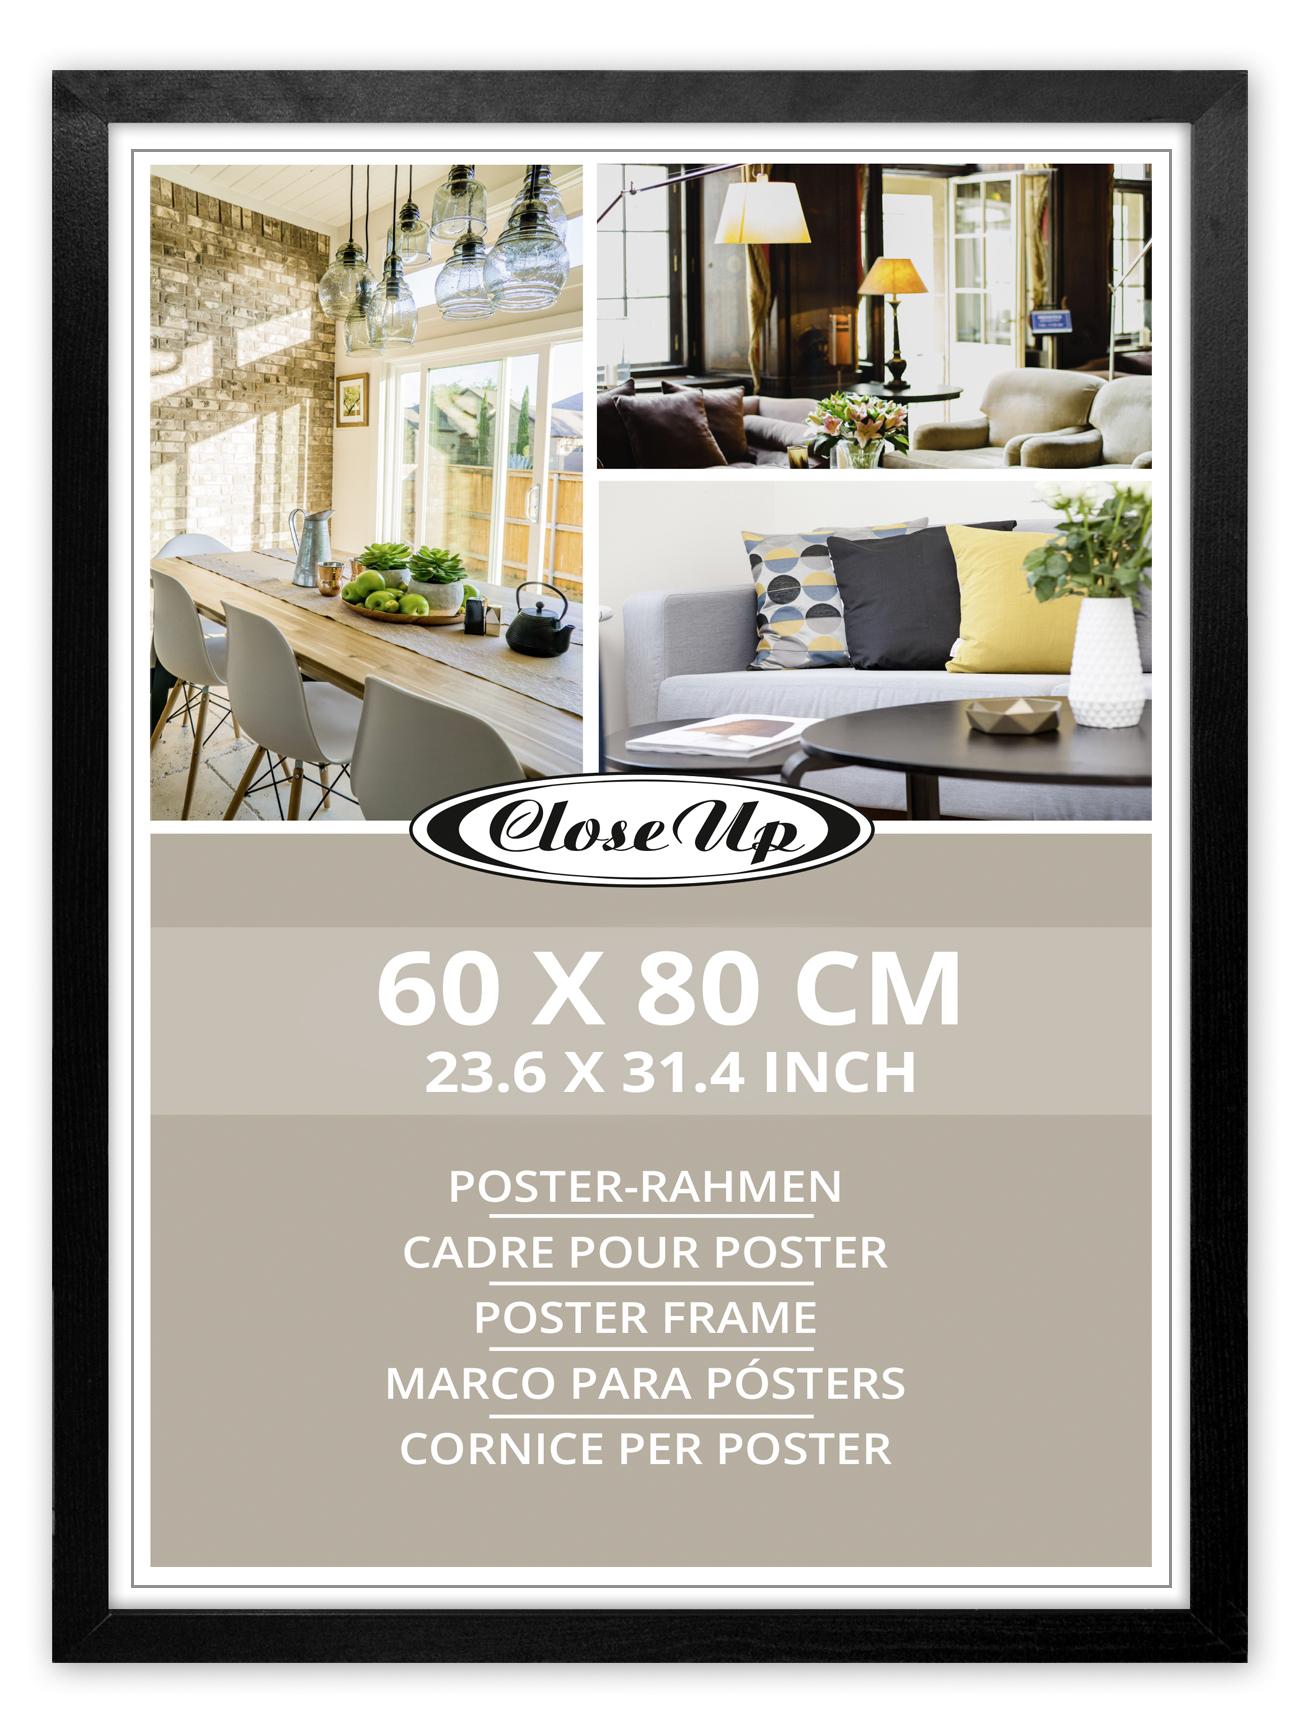 posterrahmen 60 x 80 cm premium bilderrahmen mdf holzdekor schwarz profi rahmen ebay. Black Bedroom Furniture Sets. Home Design Ideas